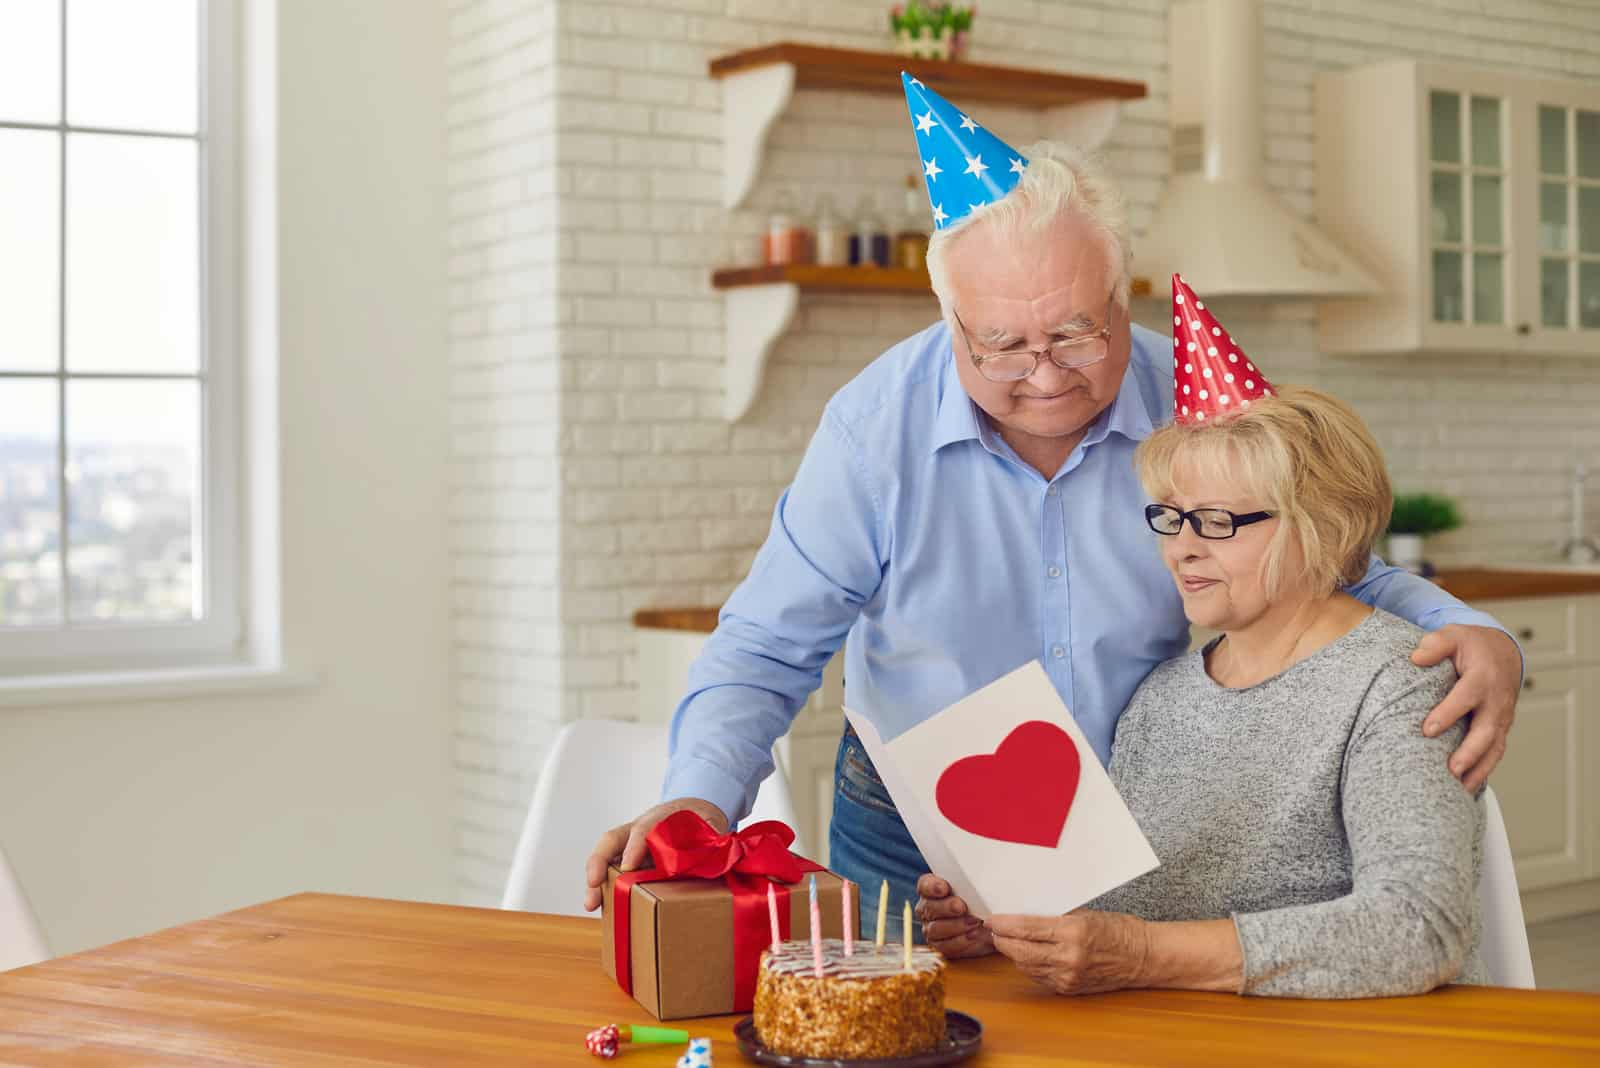 un homme et une femme fêtent leur anniversaire de mariage